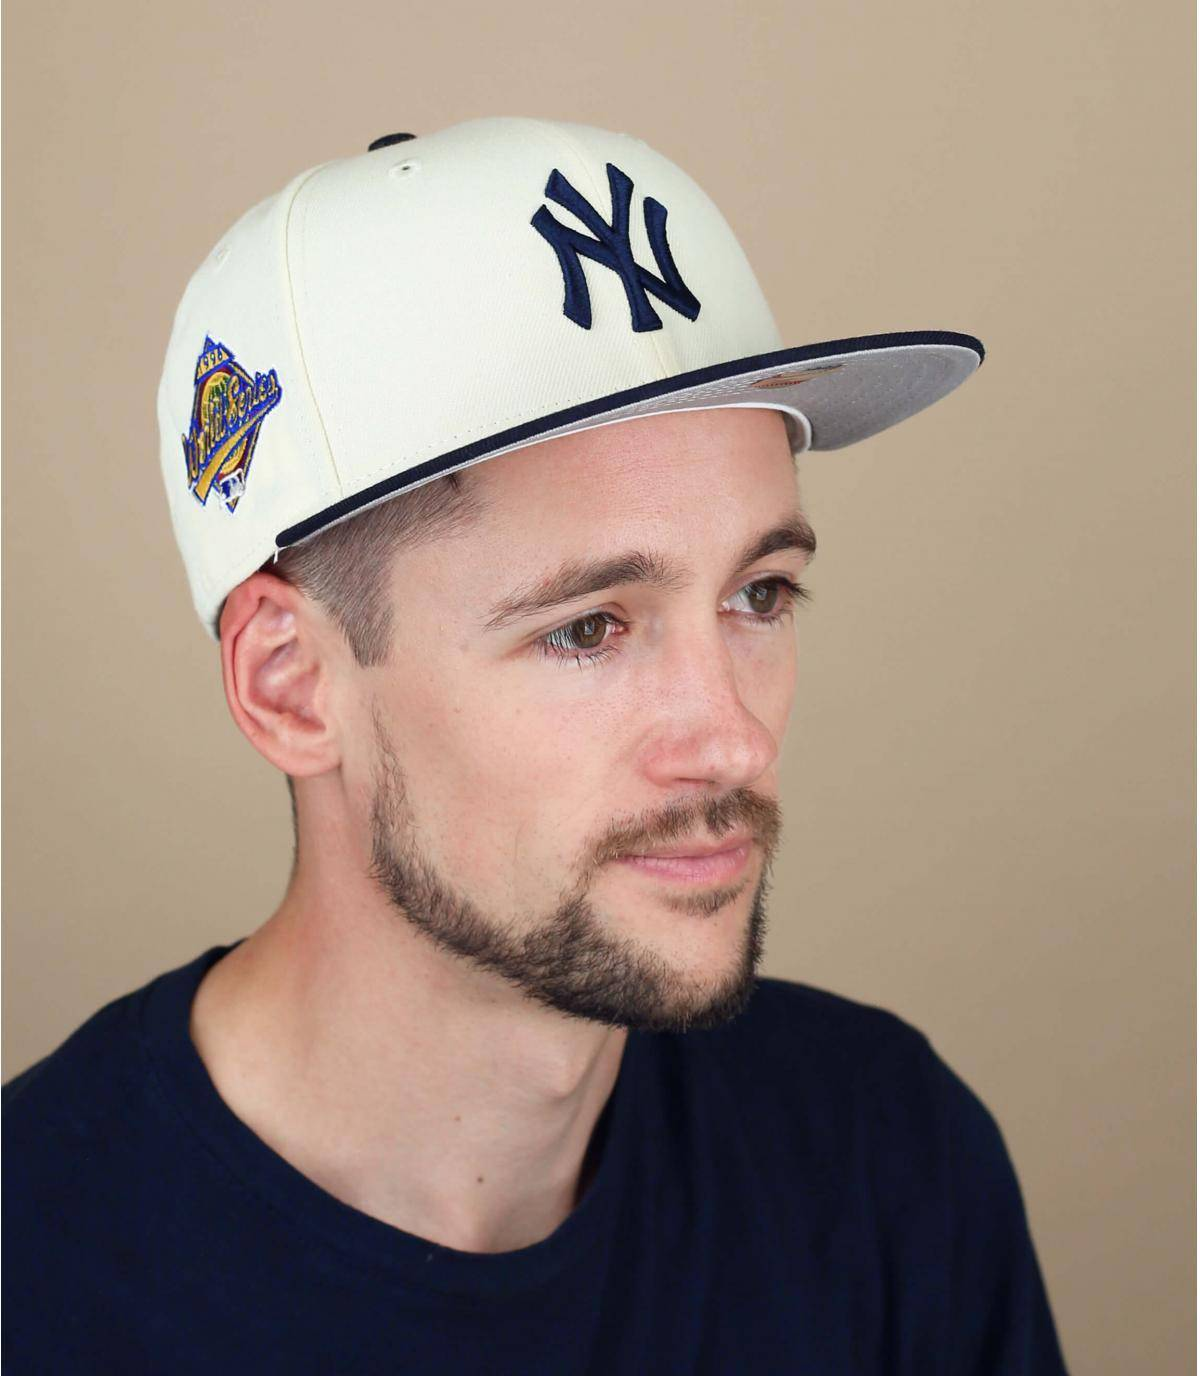 MLB World series NY cap